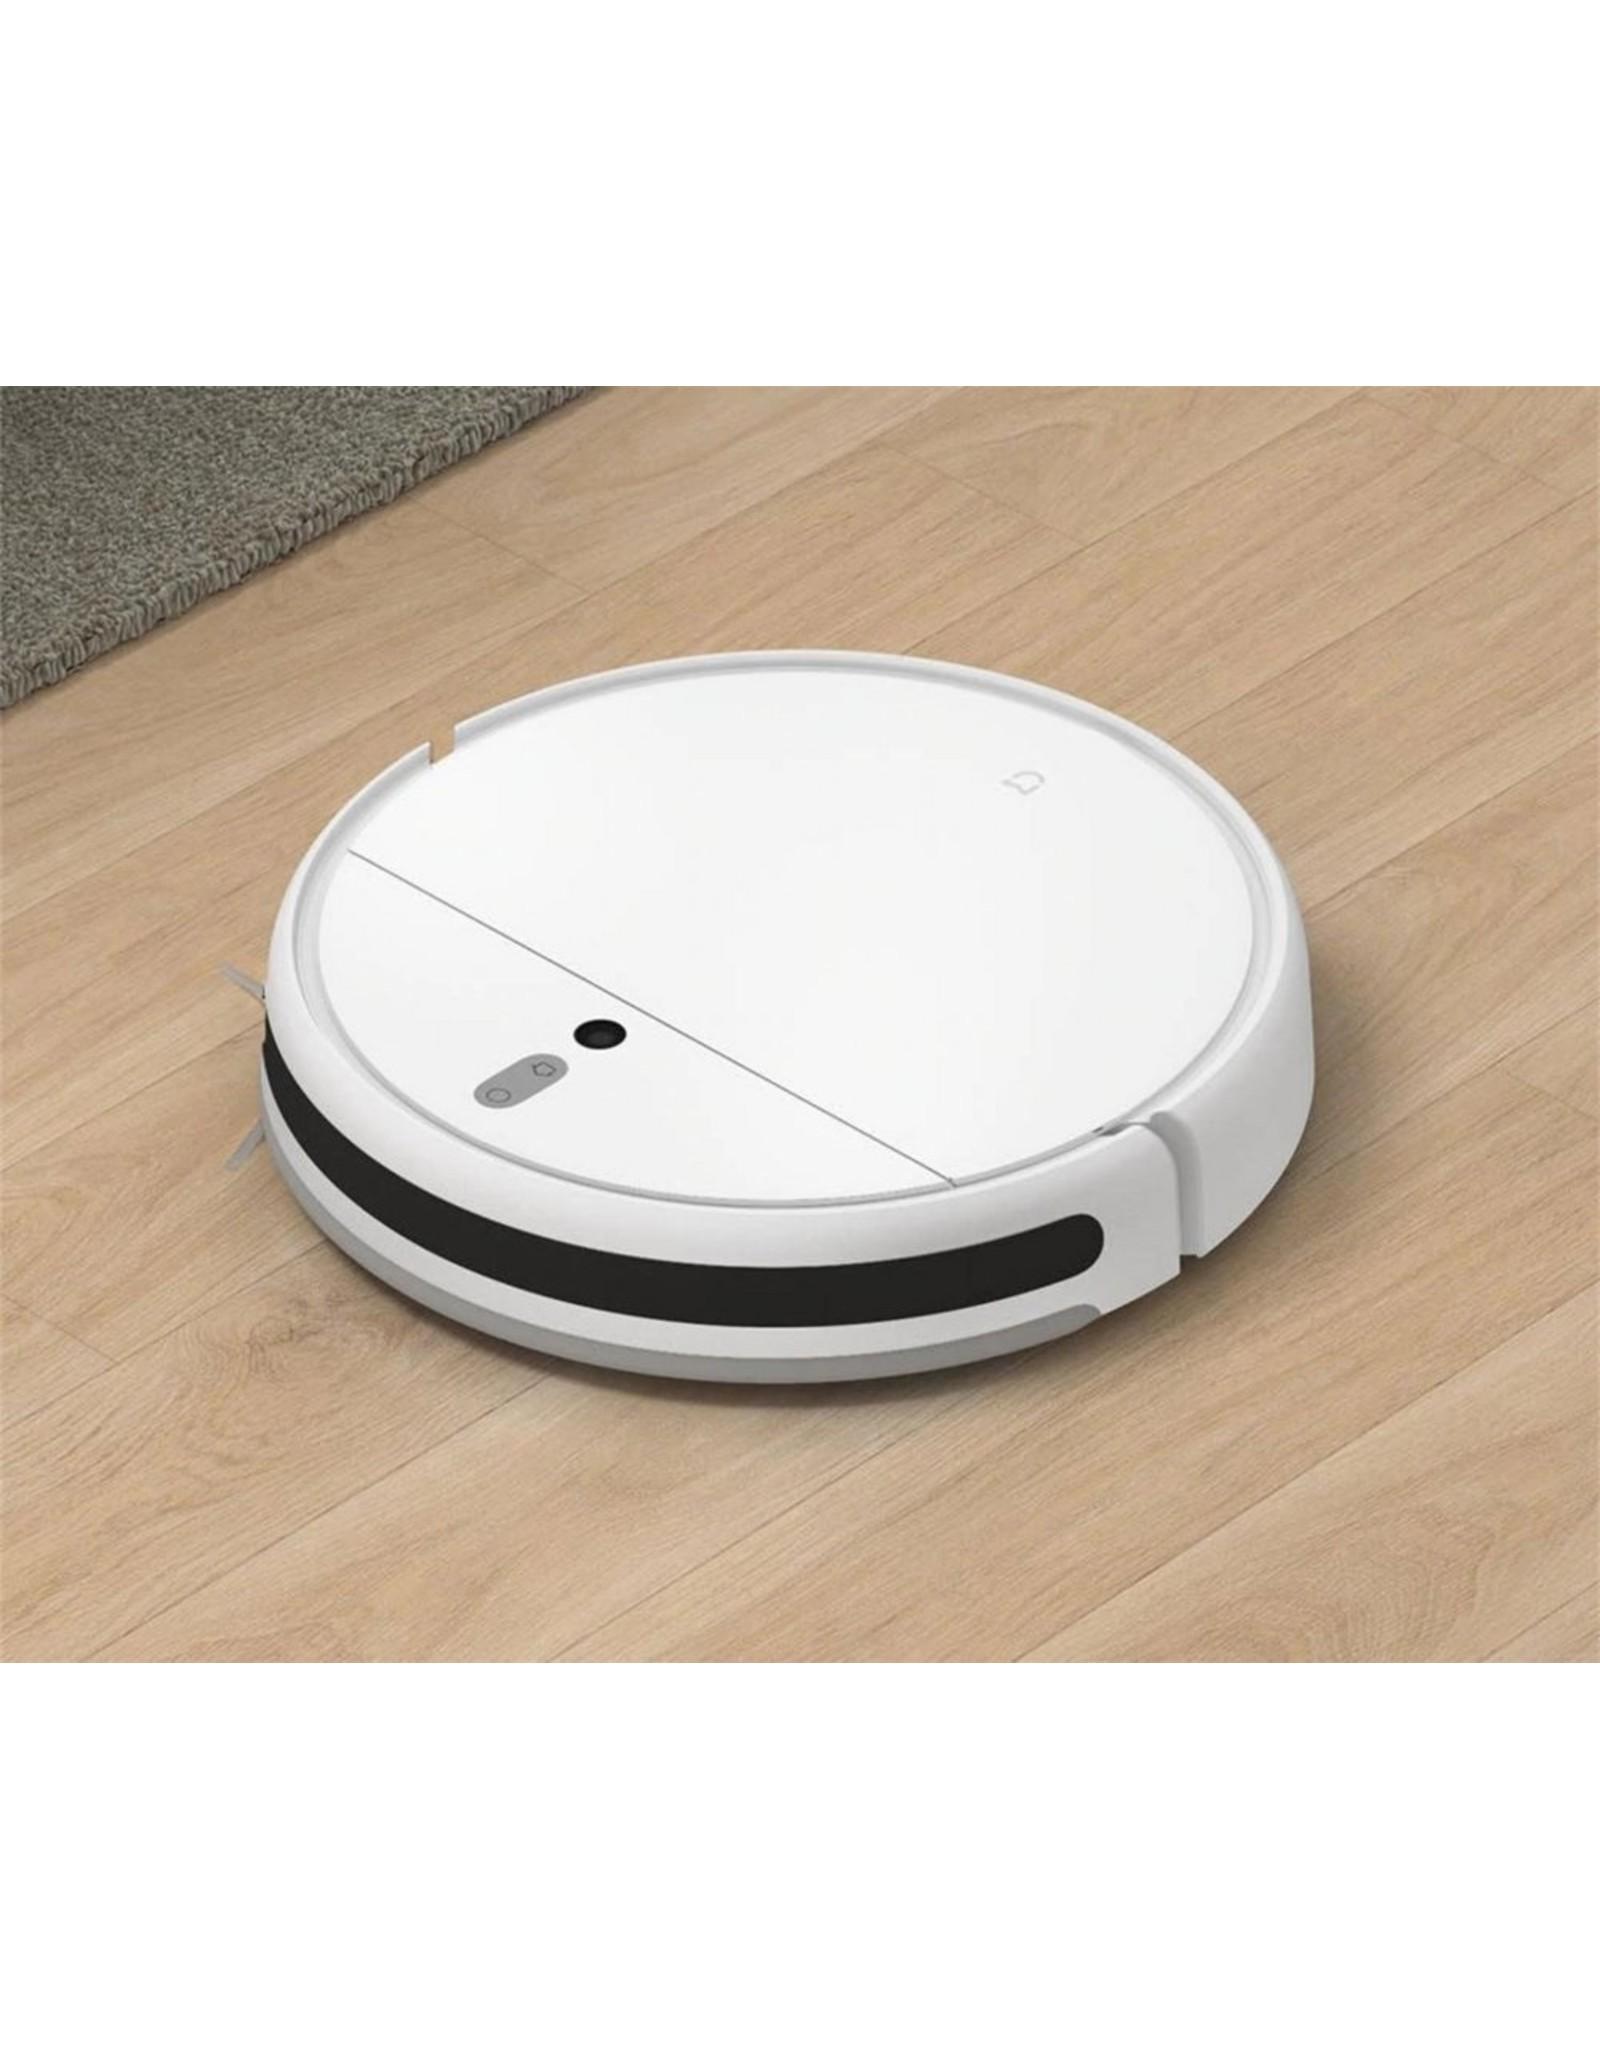 Xiaomi Mijia Mi Robot Vacuum Cleaner with Mop